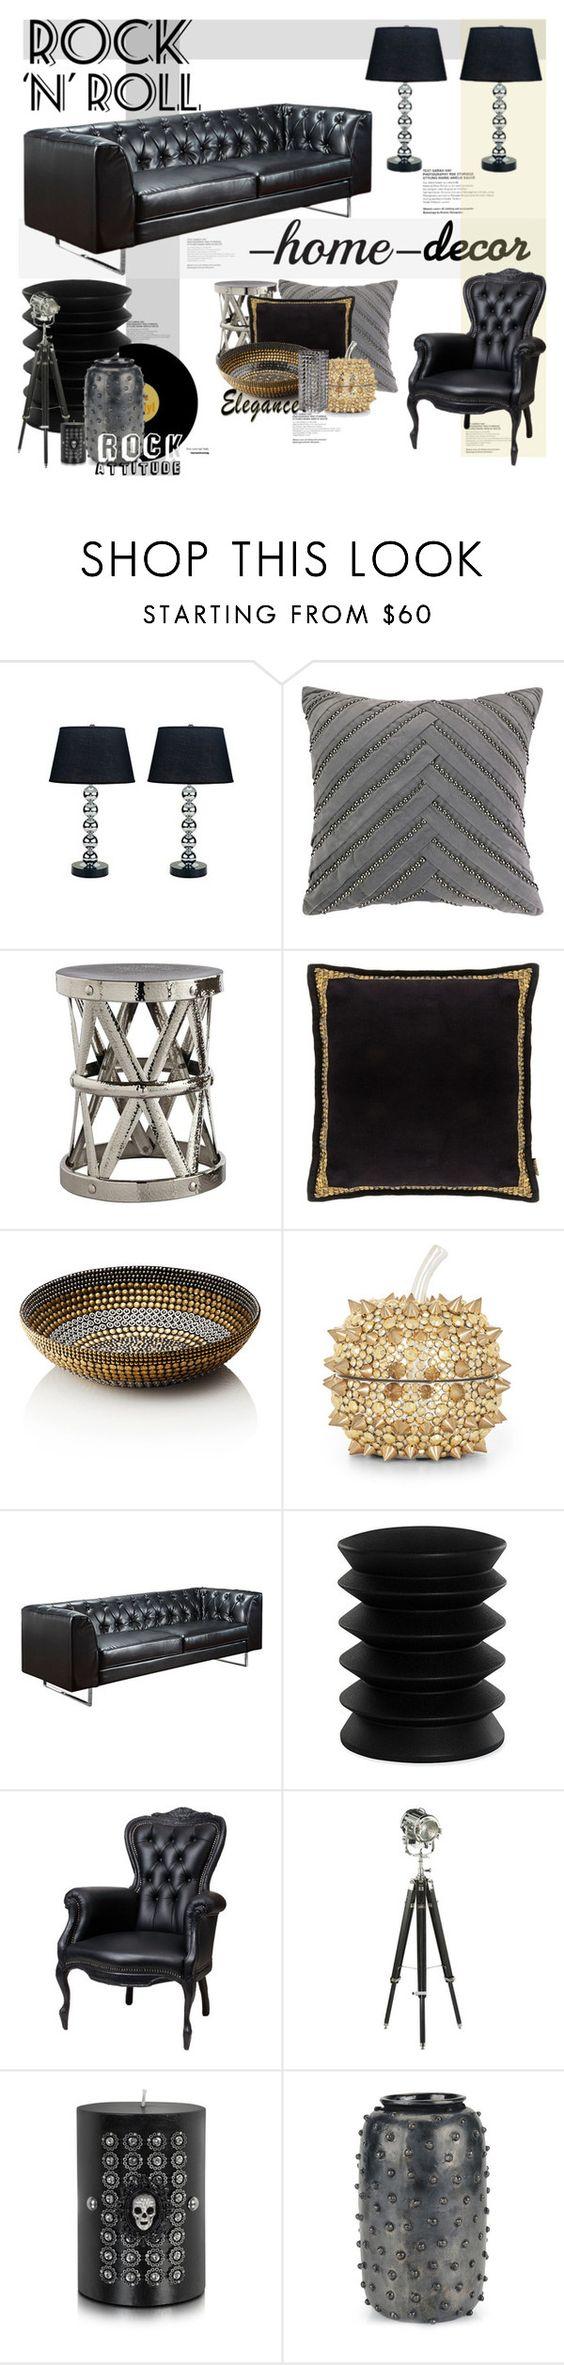 rock n roll rock n and rocks on pinterest. Black Bedroom Furniture Sets. Home Design Ideas